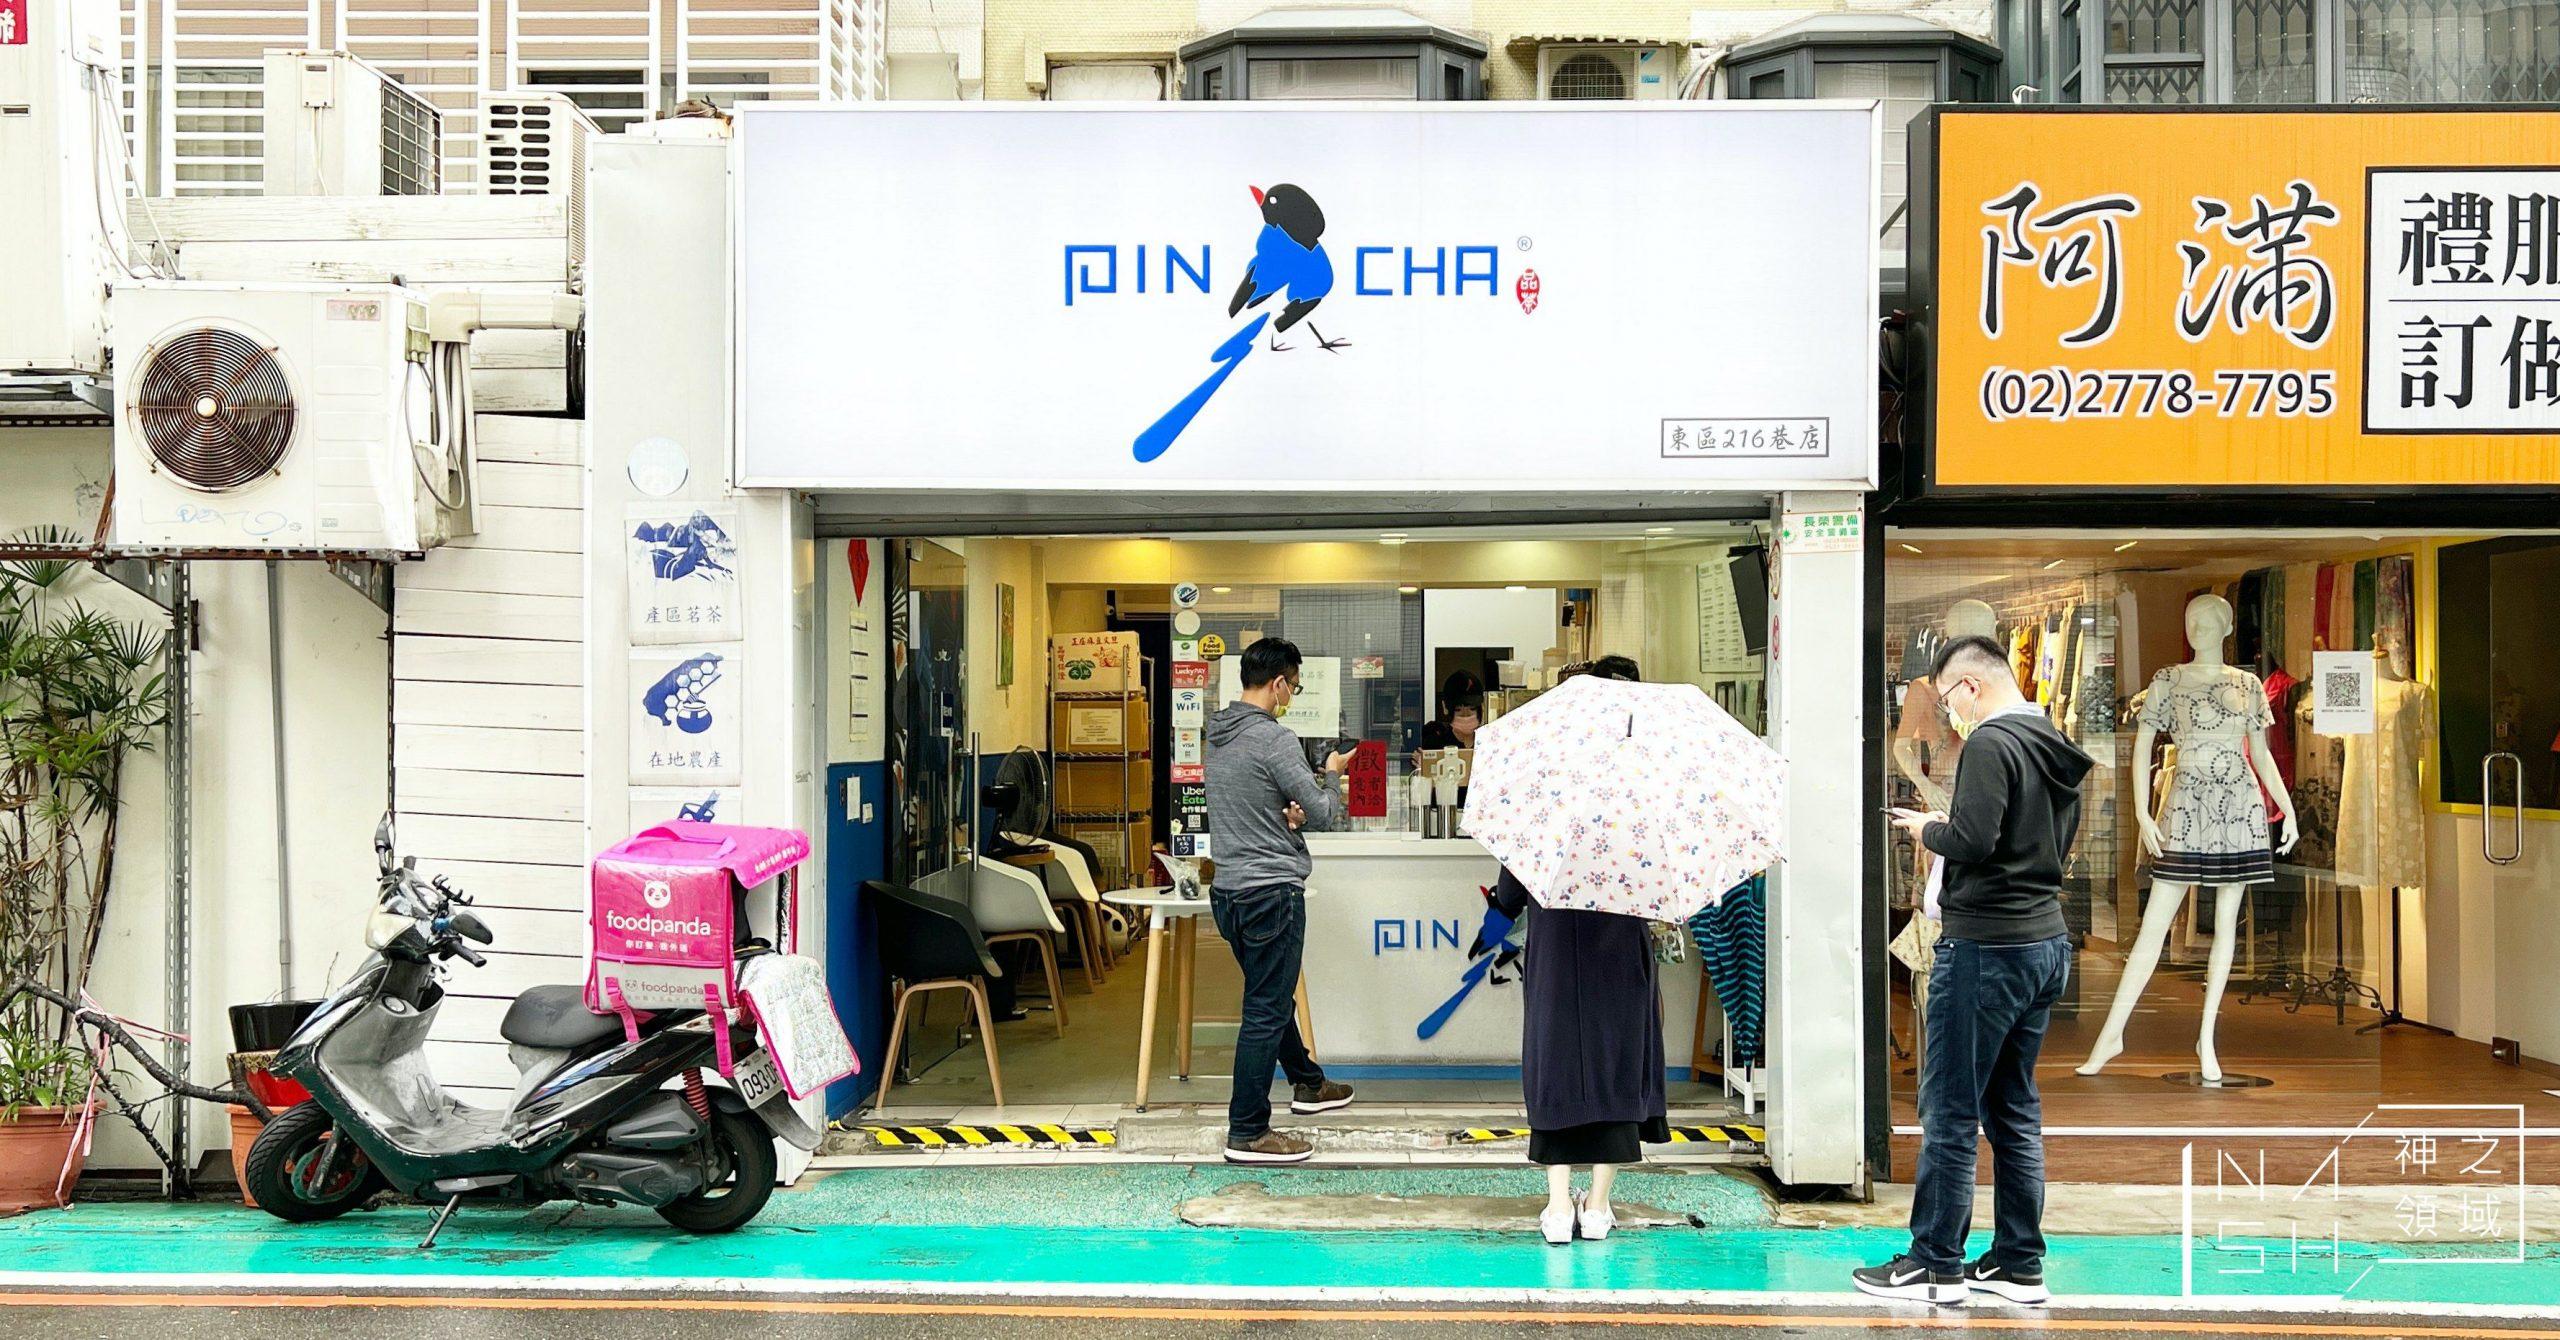 網站近期文章:【飲料推薦】PinCha 品茶,除了茶凍實在不知道有什麼好推薦 (菜單)